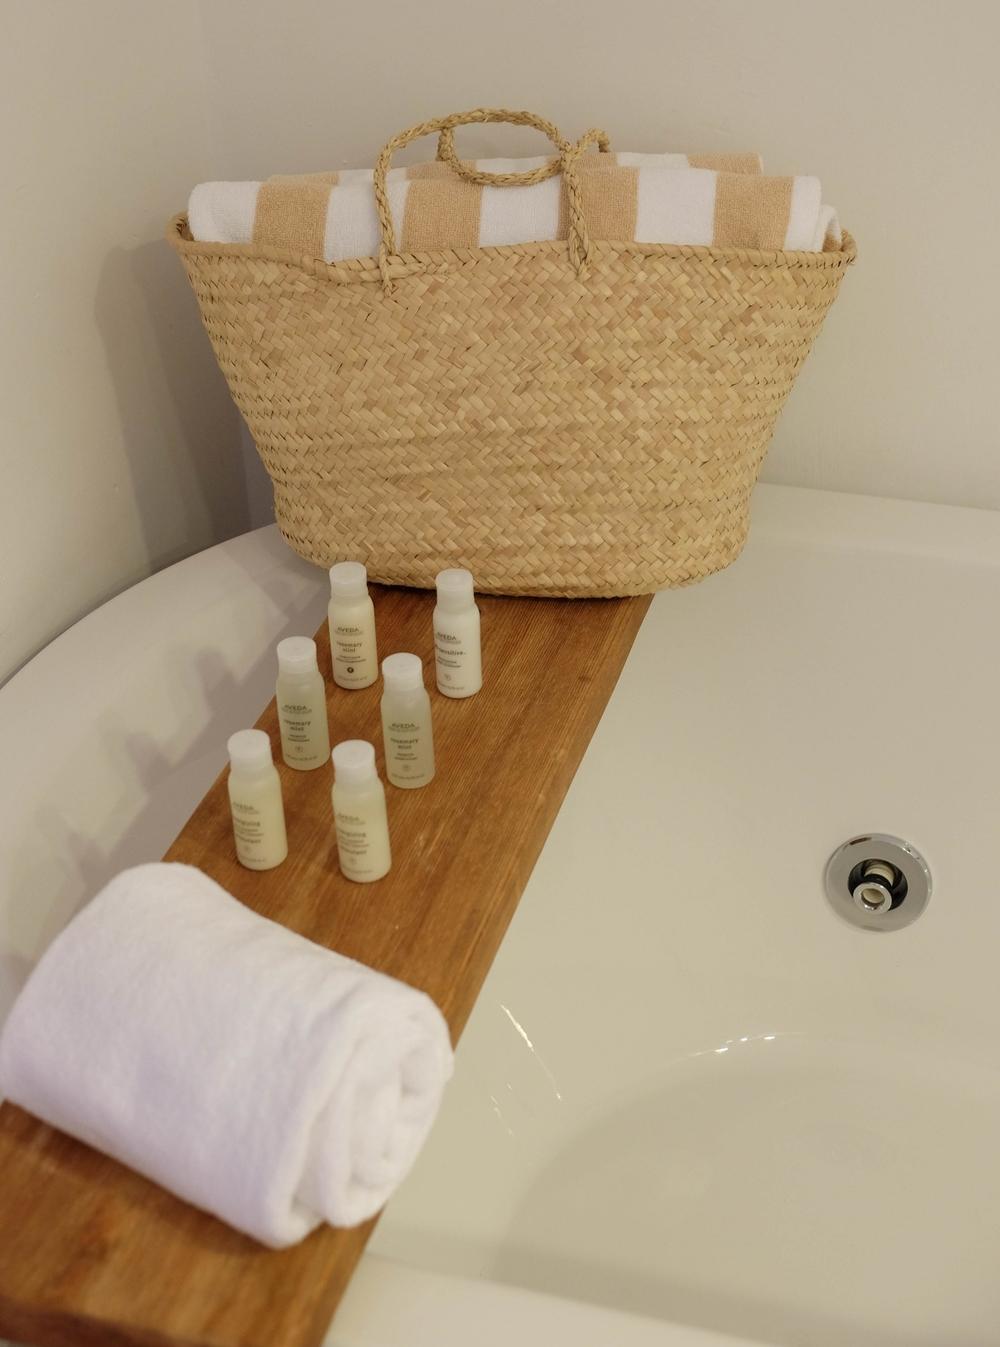 LaurenSchwaiger-Life-Style-Travel-Blog-Predi-Son-Jaumell-Bathroom.jpg